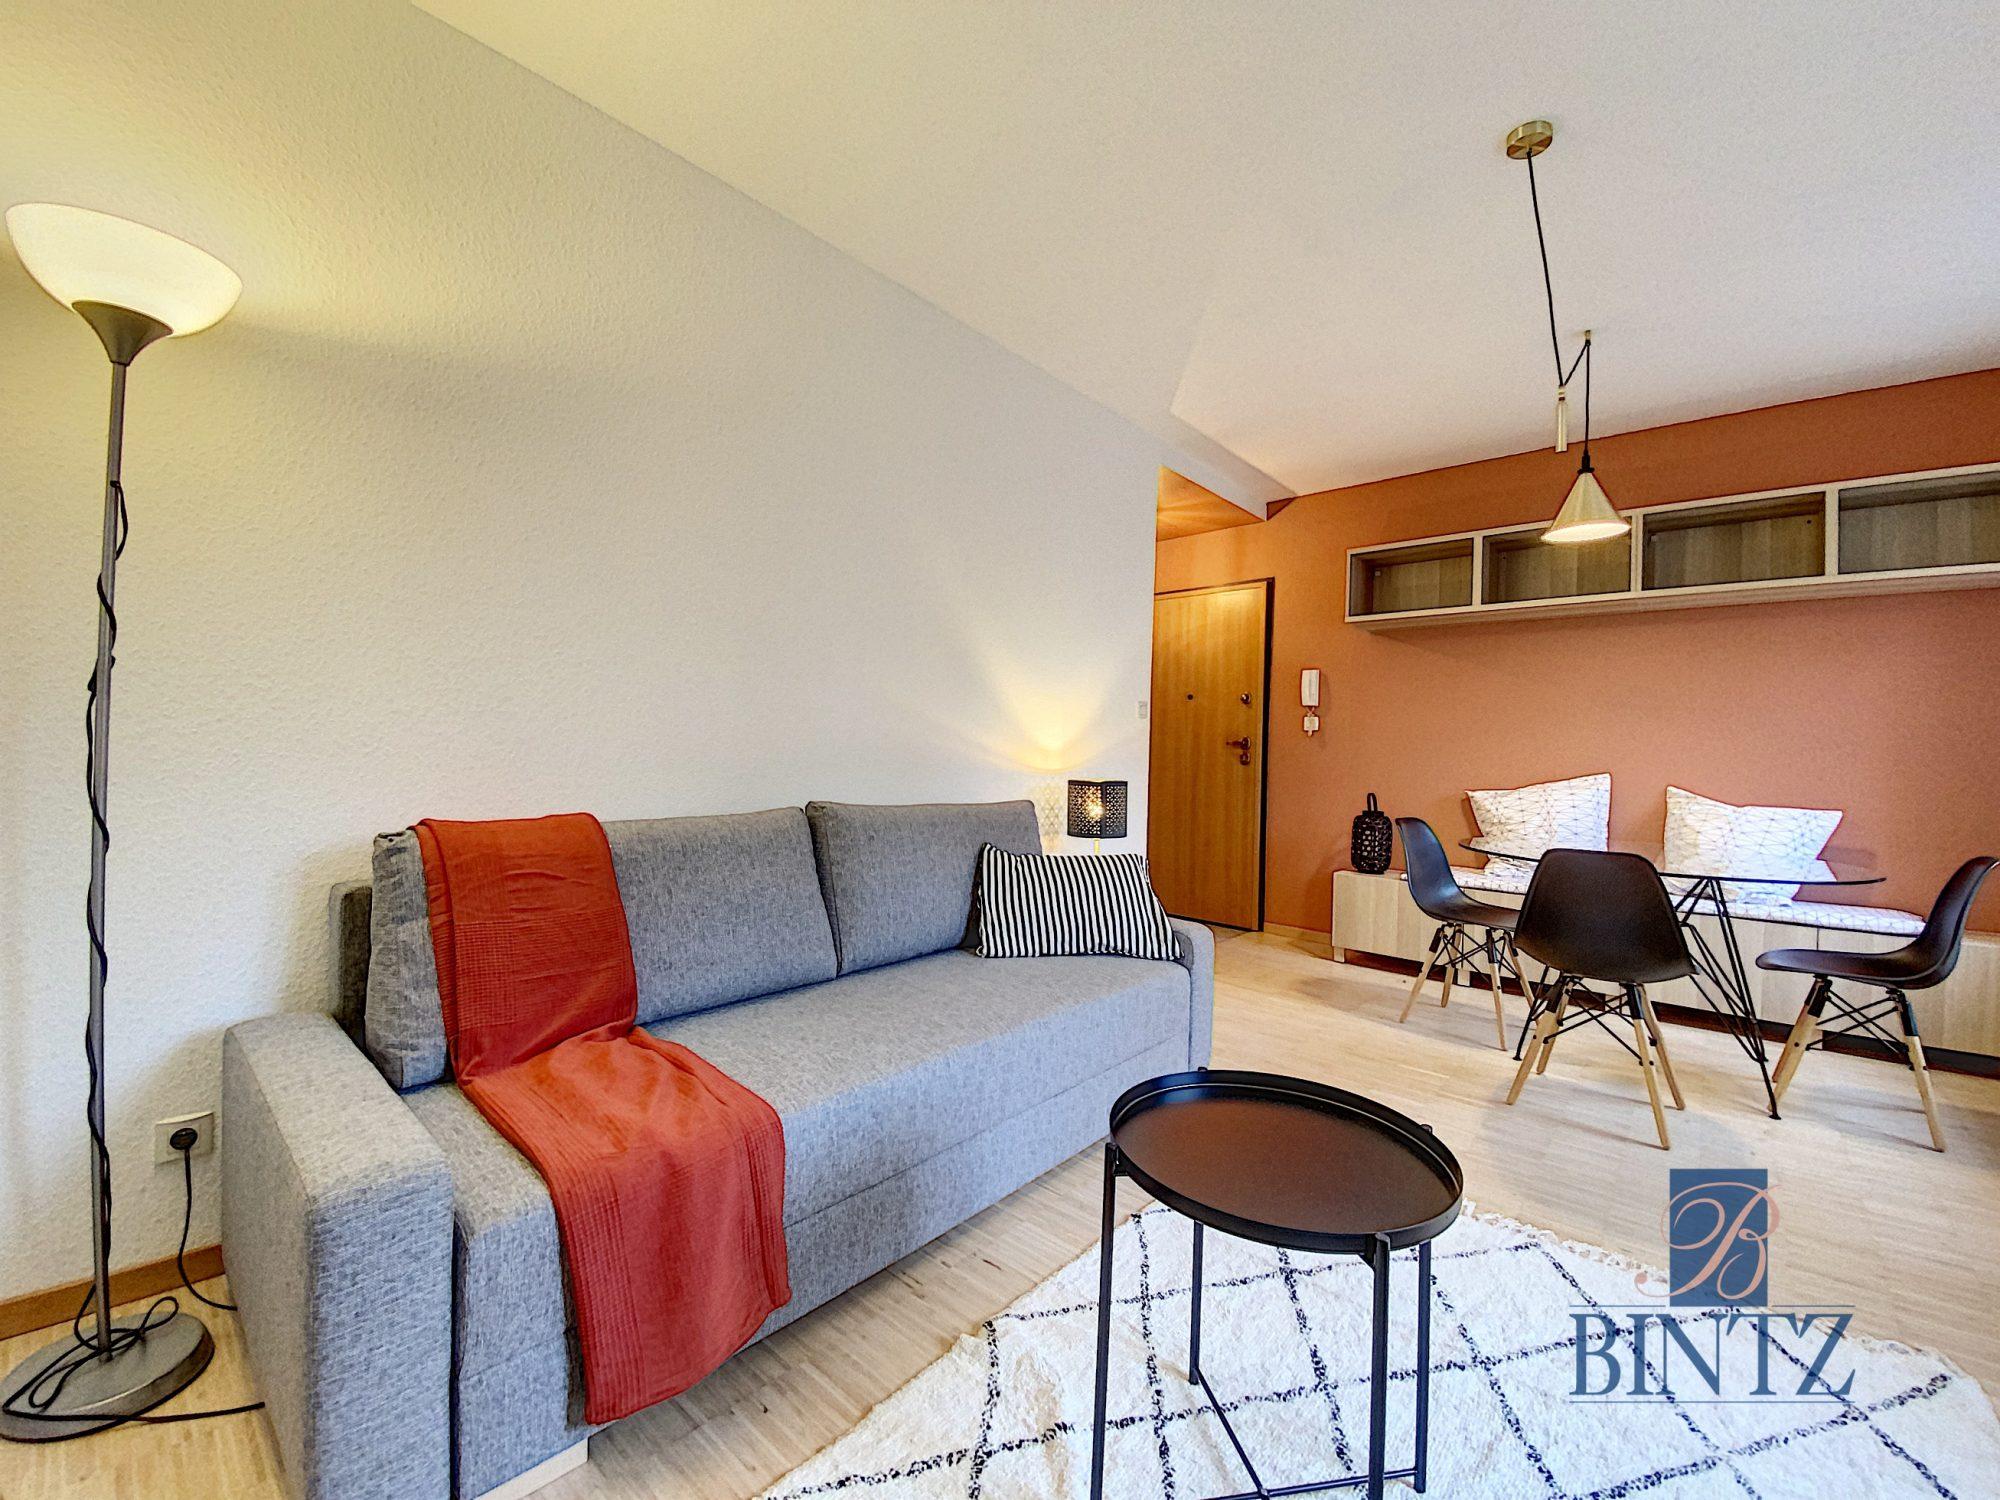 2P MEUBLÉ NEUDORF - Devenez locataire en toute sérénité - Bintz Immobilier - 3